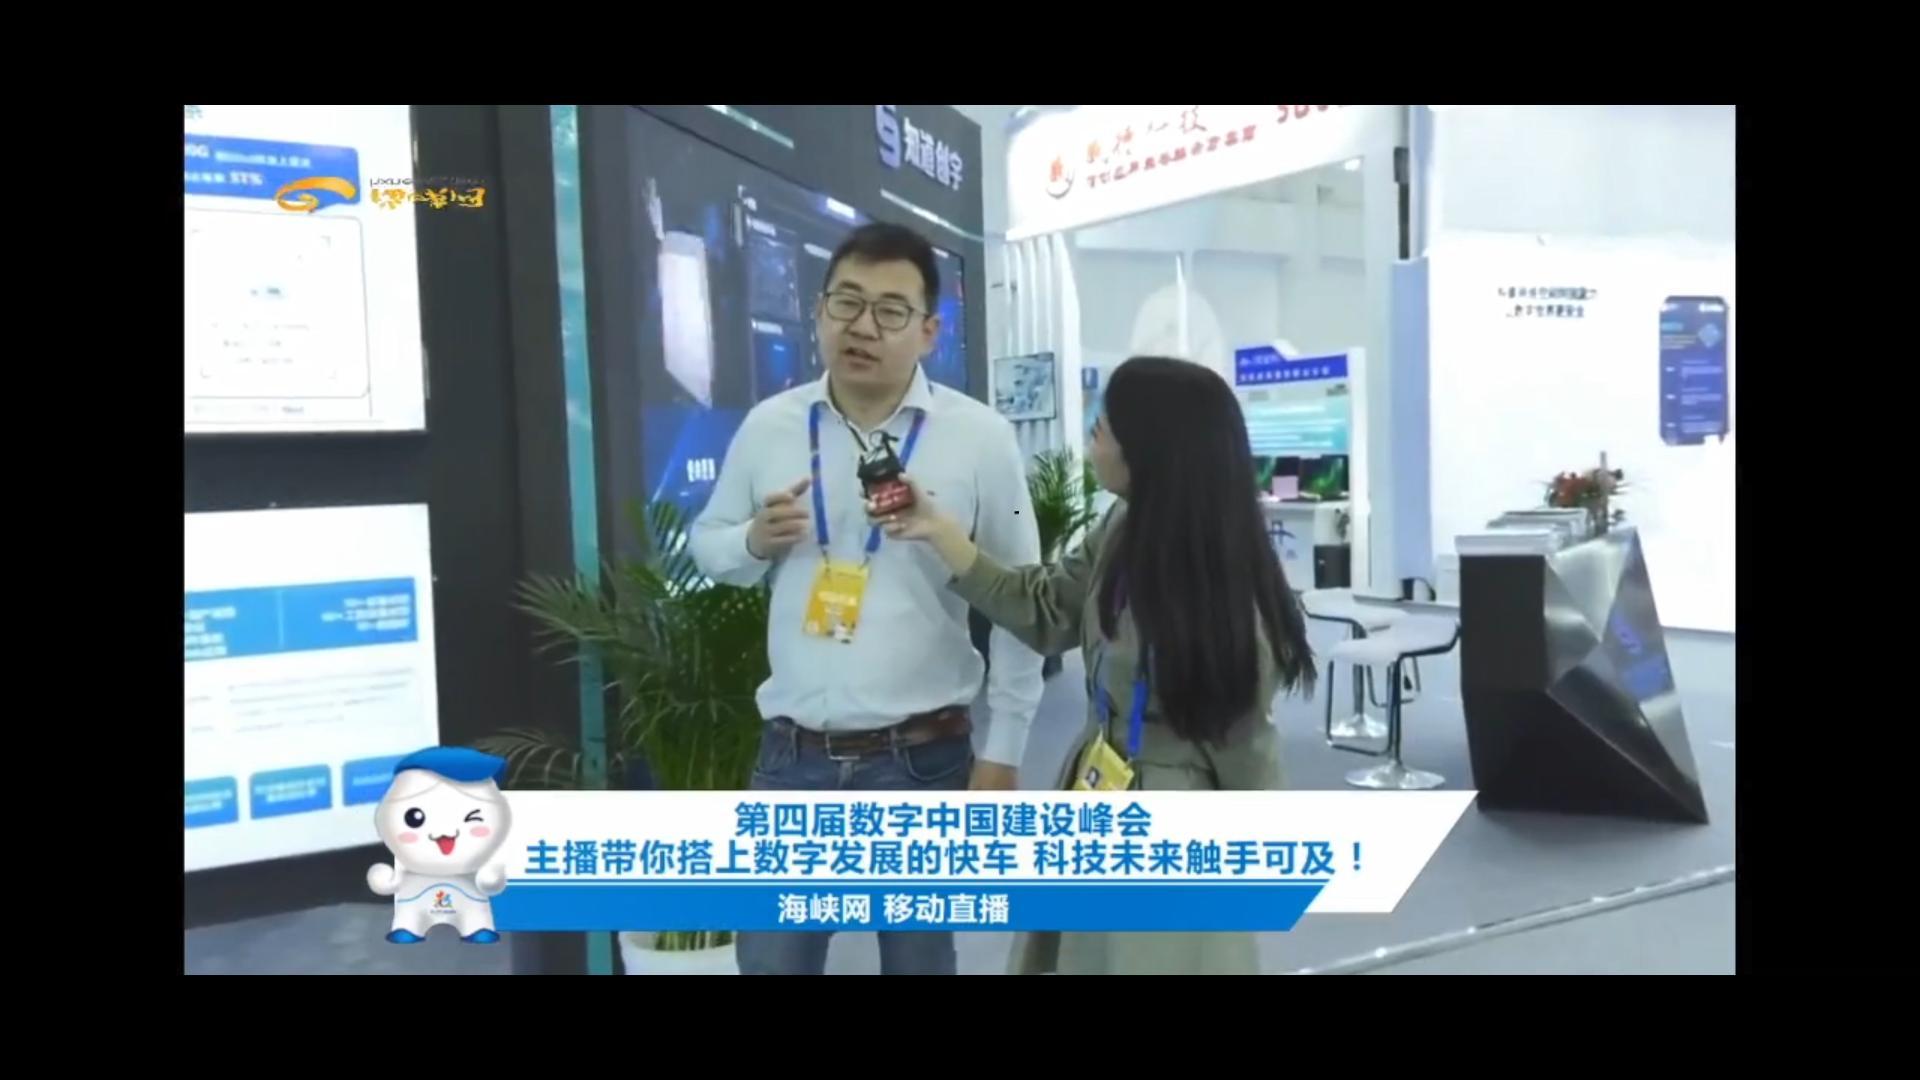 积极防御,护卫数字中国——知道创宇亮相数字中国建设峰会